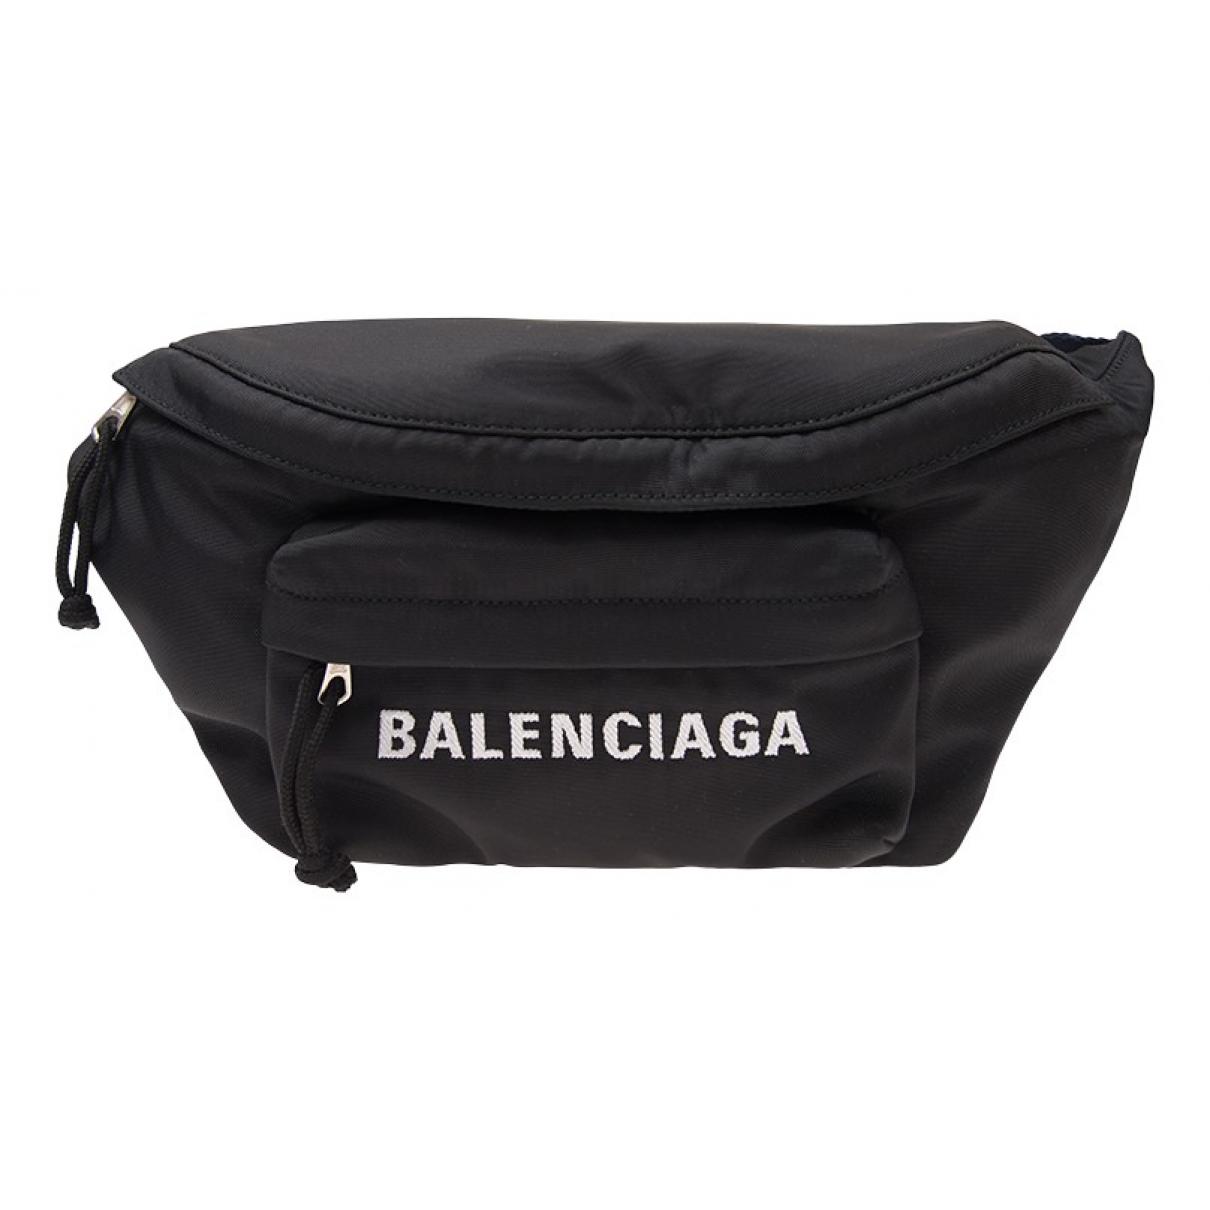 Balenciaga N Black Cloth bag for Men N